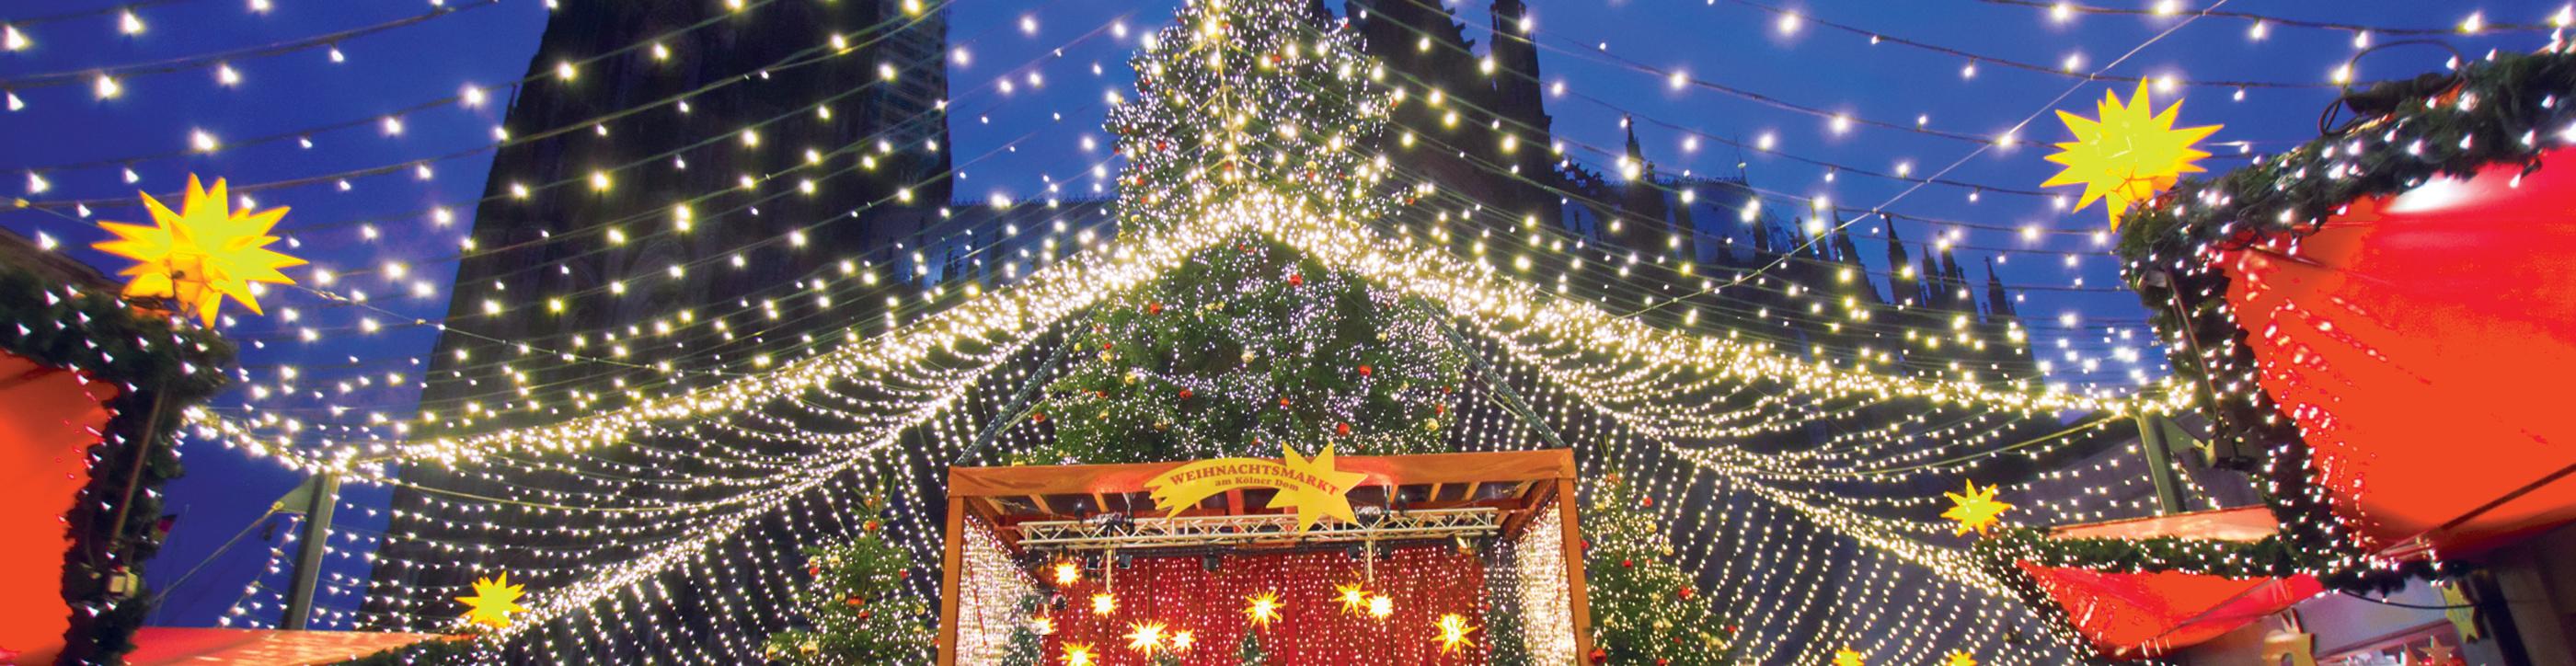 Christmas Cruises 2019.Rhine Holiday Markets 2019 Europe River Cruise Uniworld